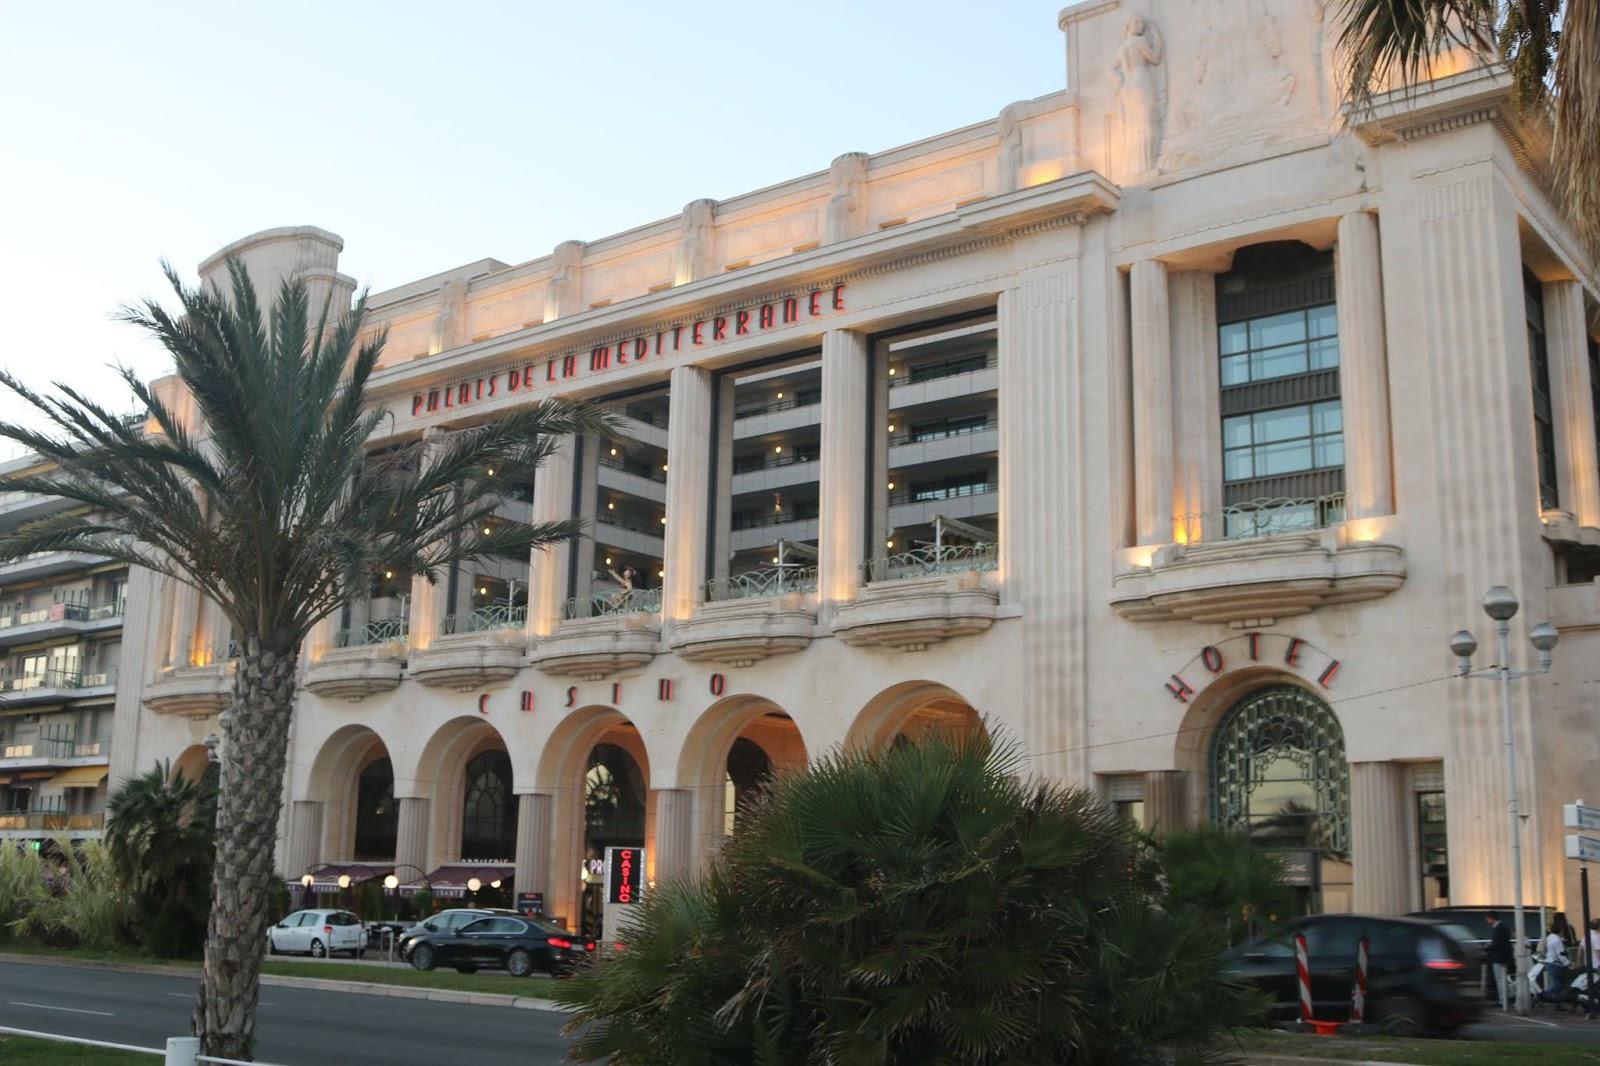 Nice Palais de la Méditerranée